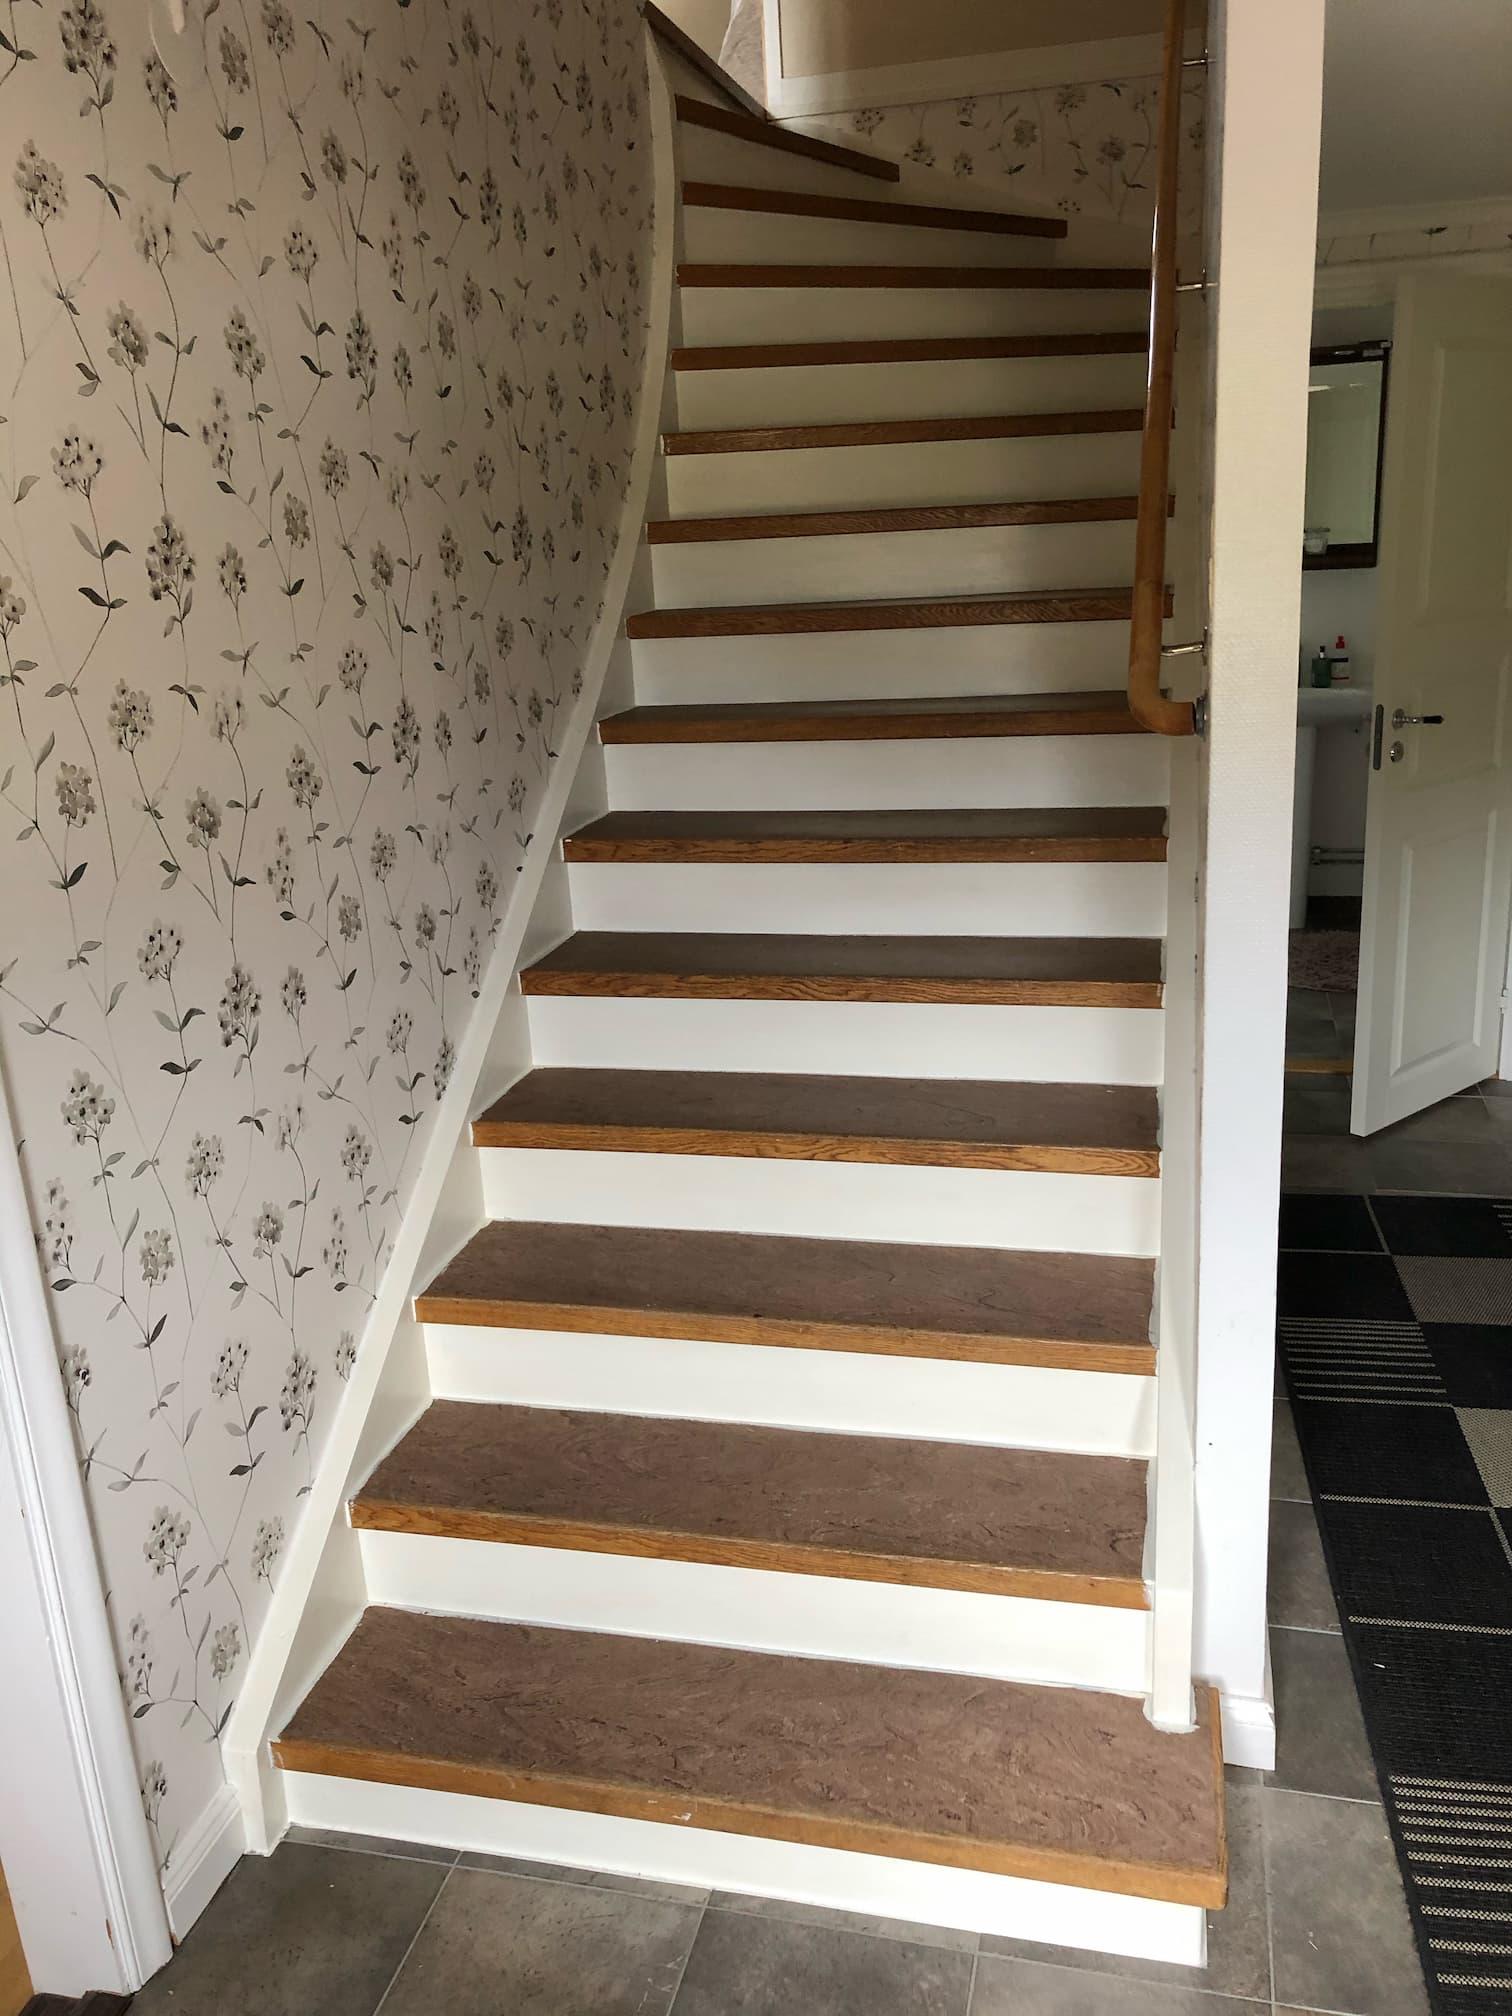 Stängd trappa innan montering av steg i mörk ask